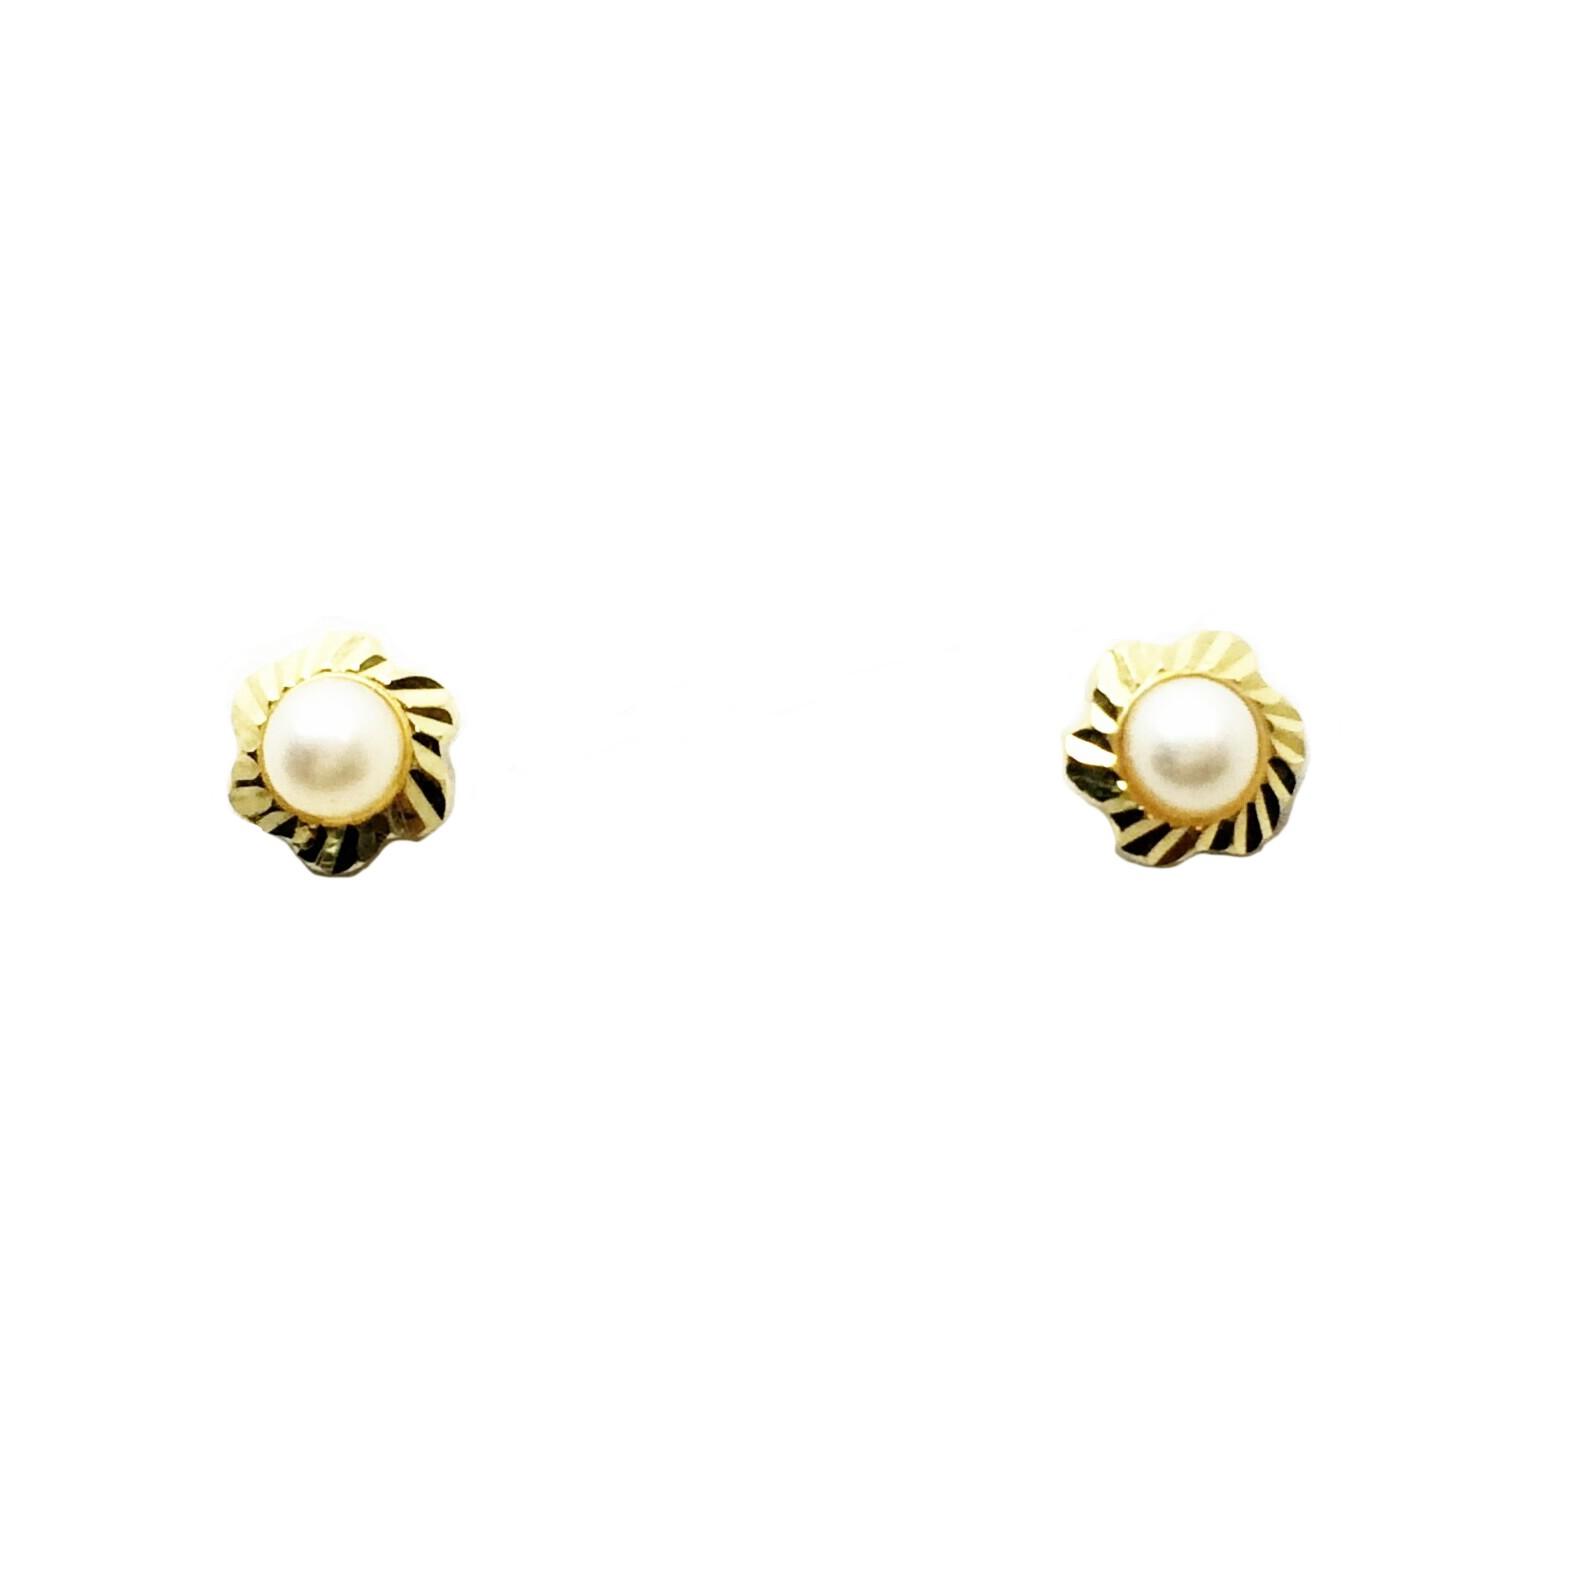 858a95a9e2d0 Pendientes de oro perla niña Joyería Juan Luis Larráyoz Pamplona